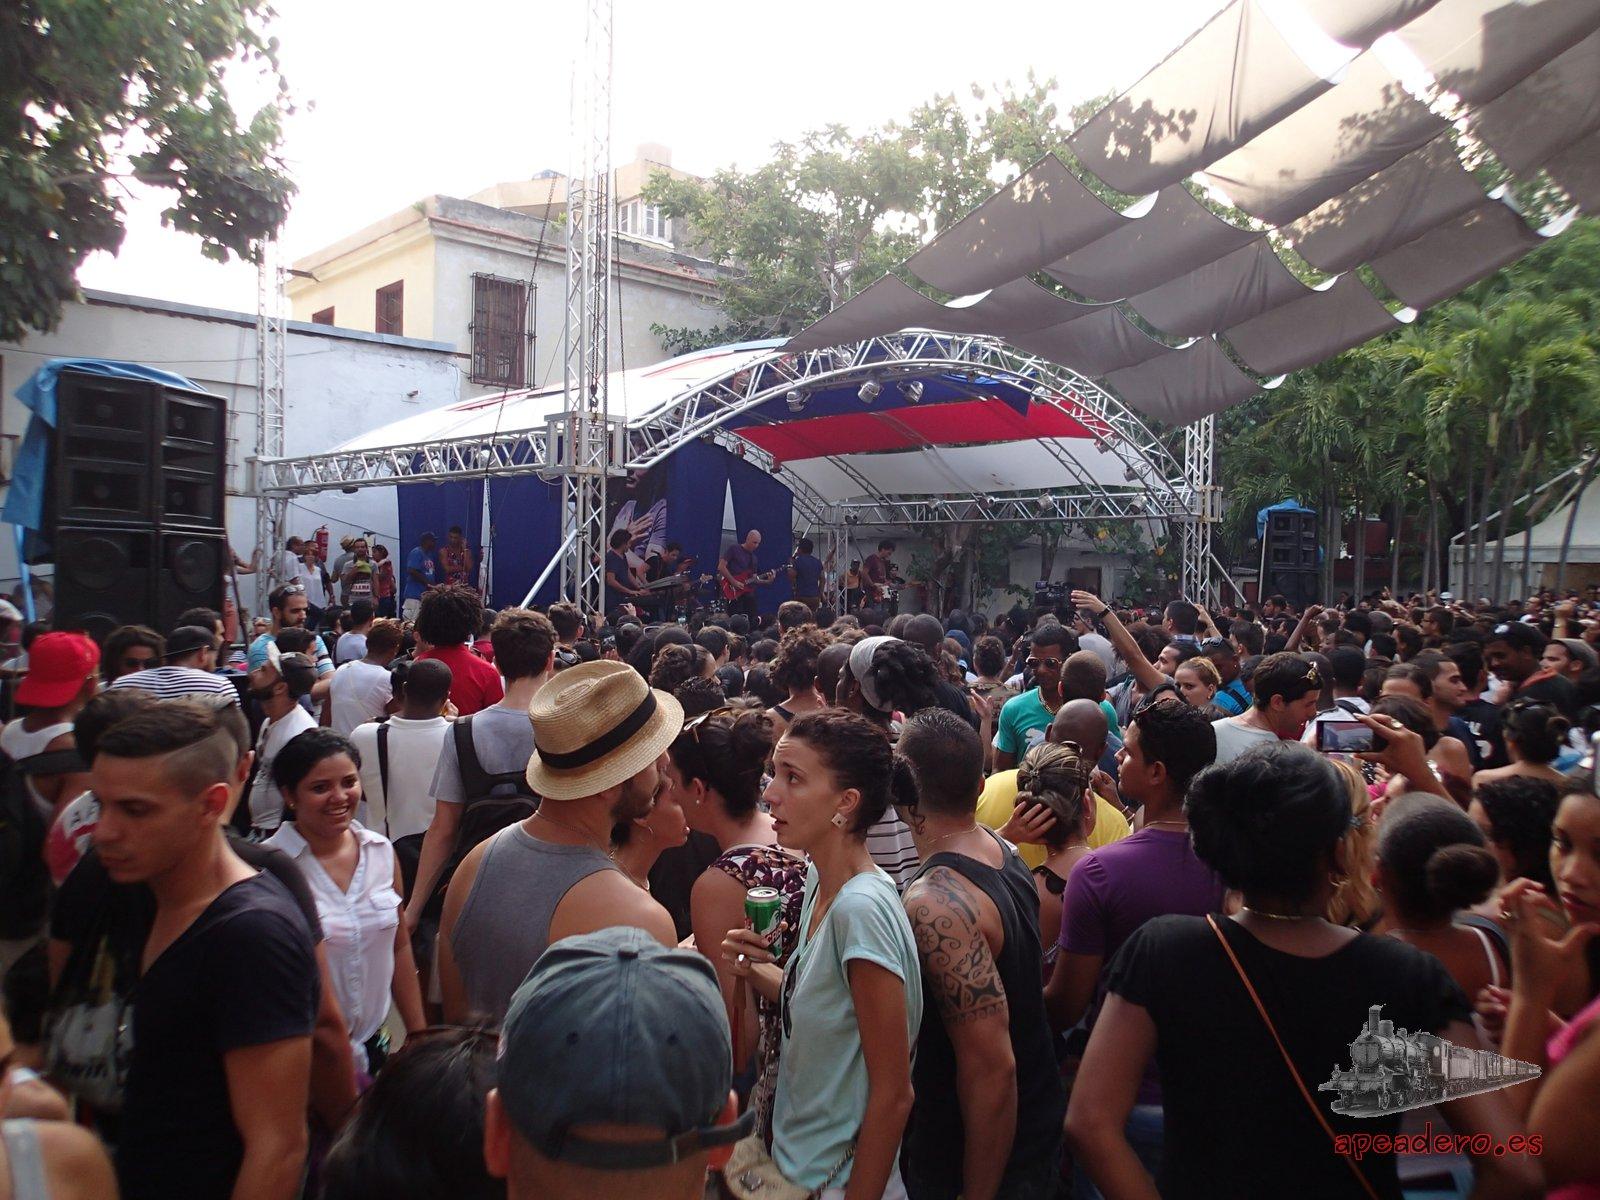 Un concierto con el que nos encontramos en el Pabellón Cuba, uno de los lugares más recomendables de la zona de el Vedado.